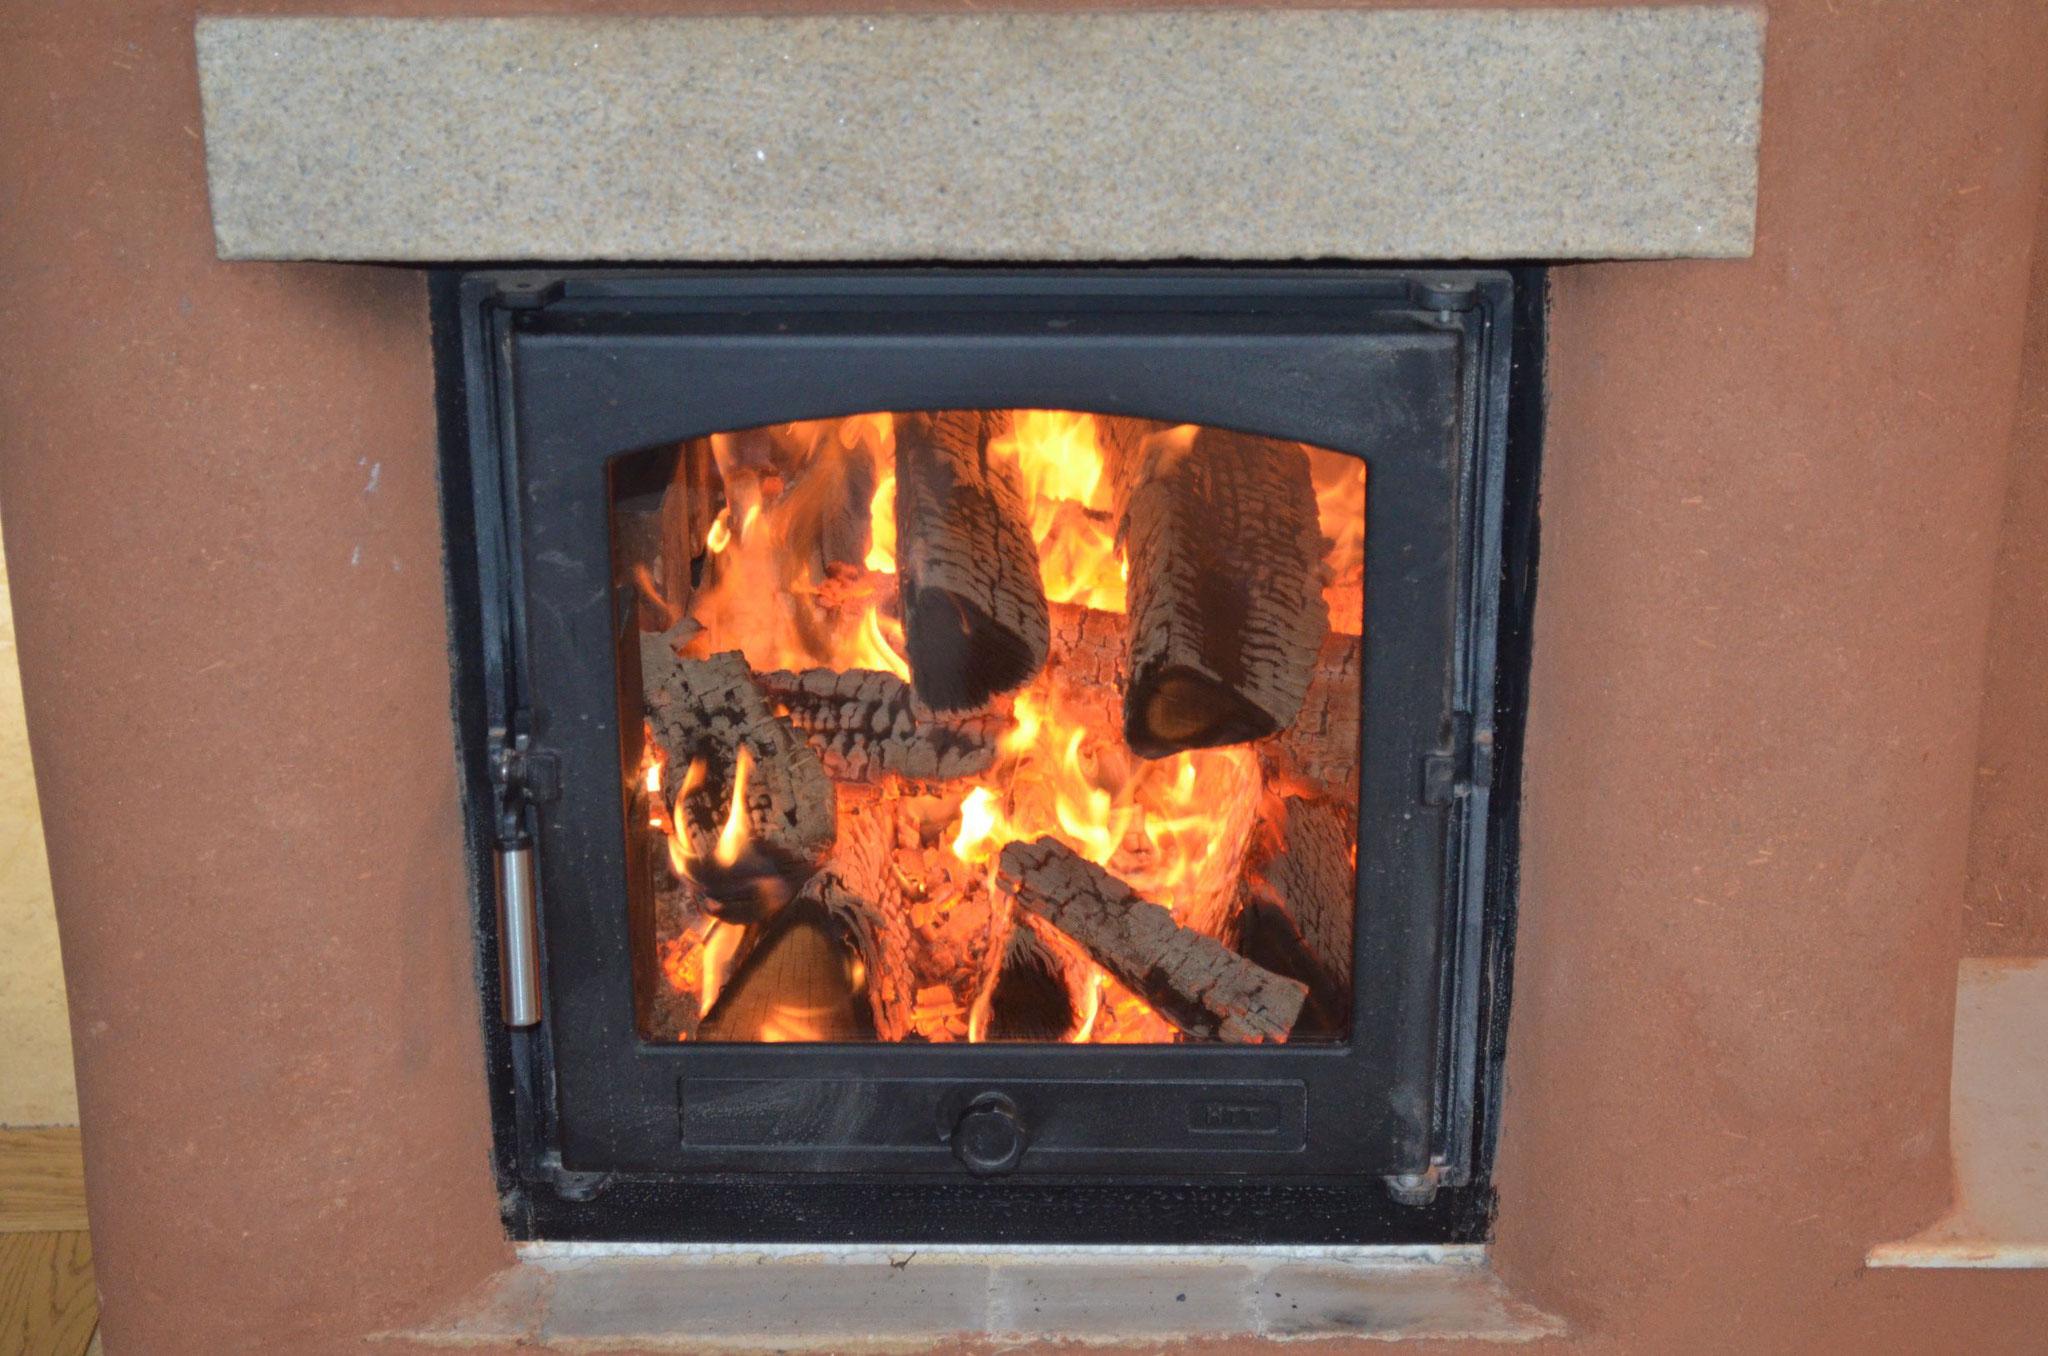 Allumage du feu par le haut / Flambée vive